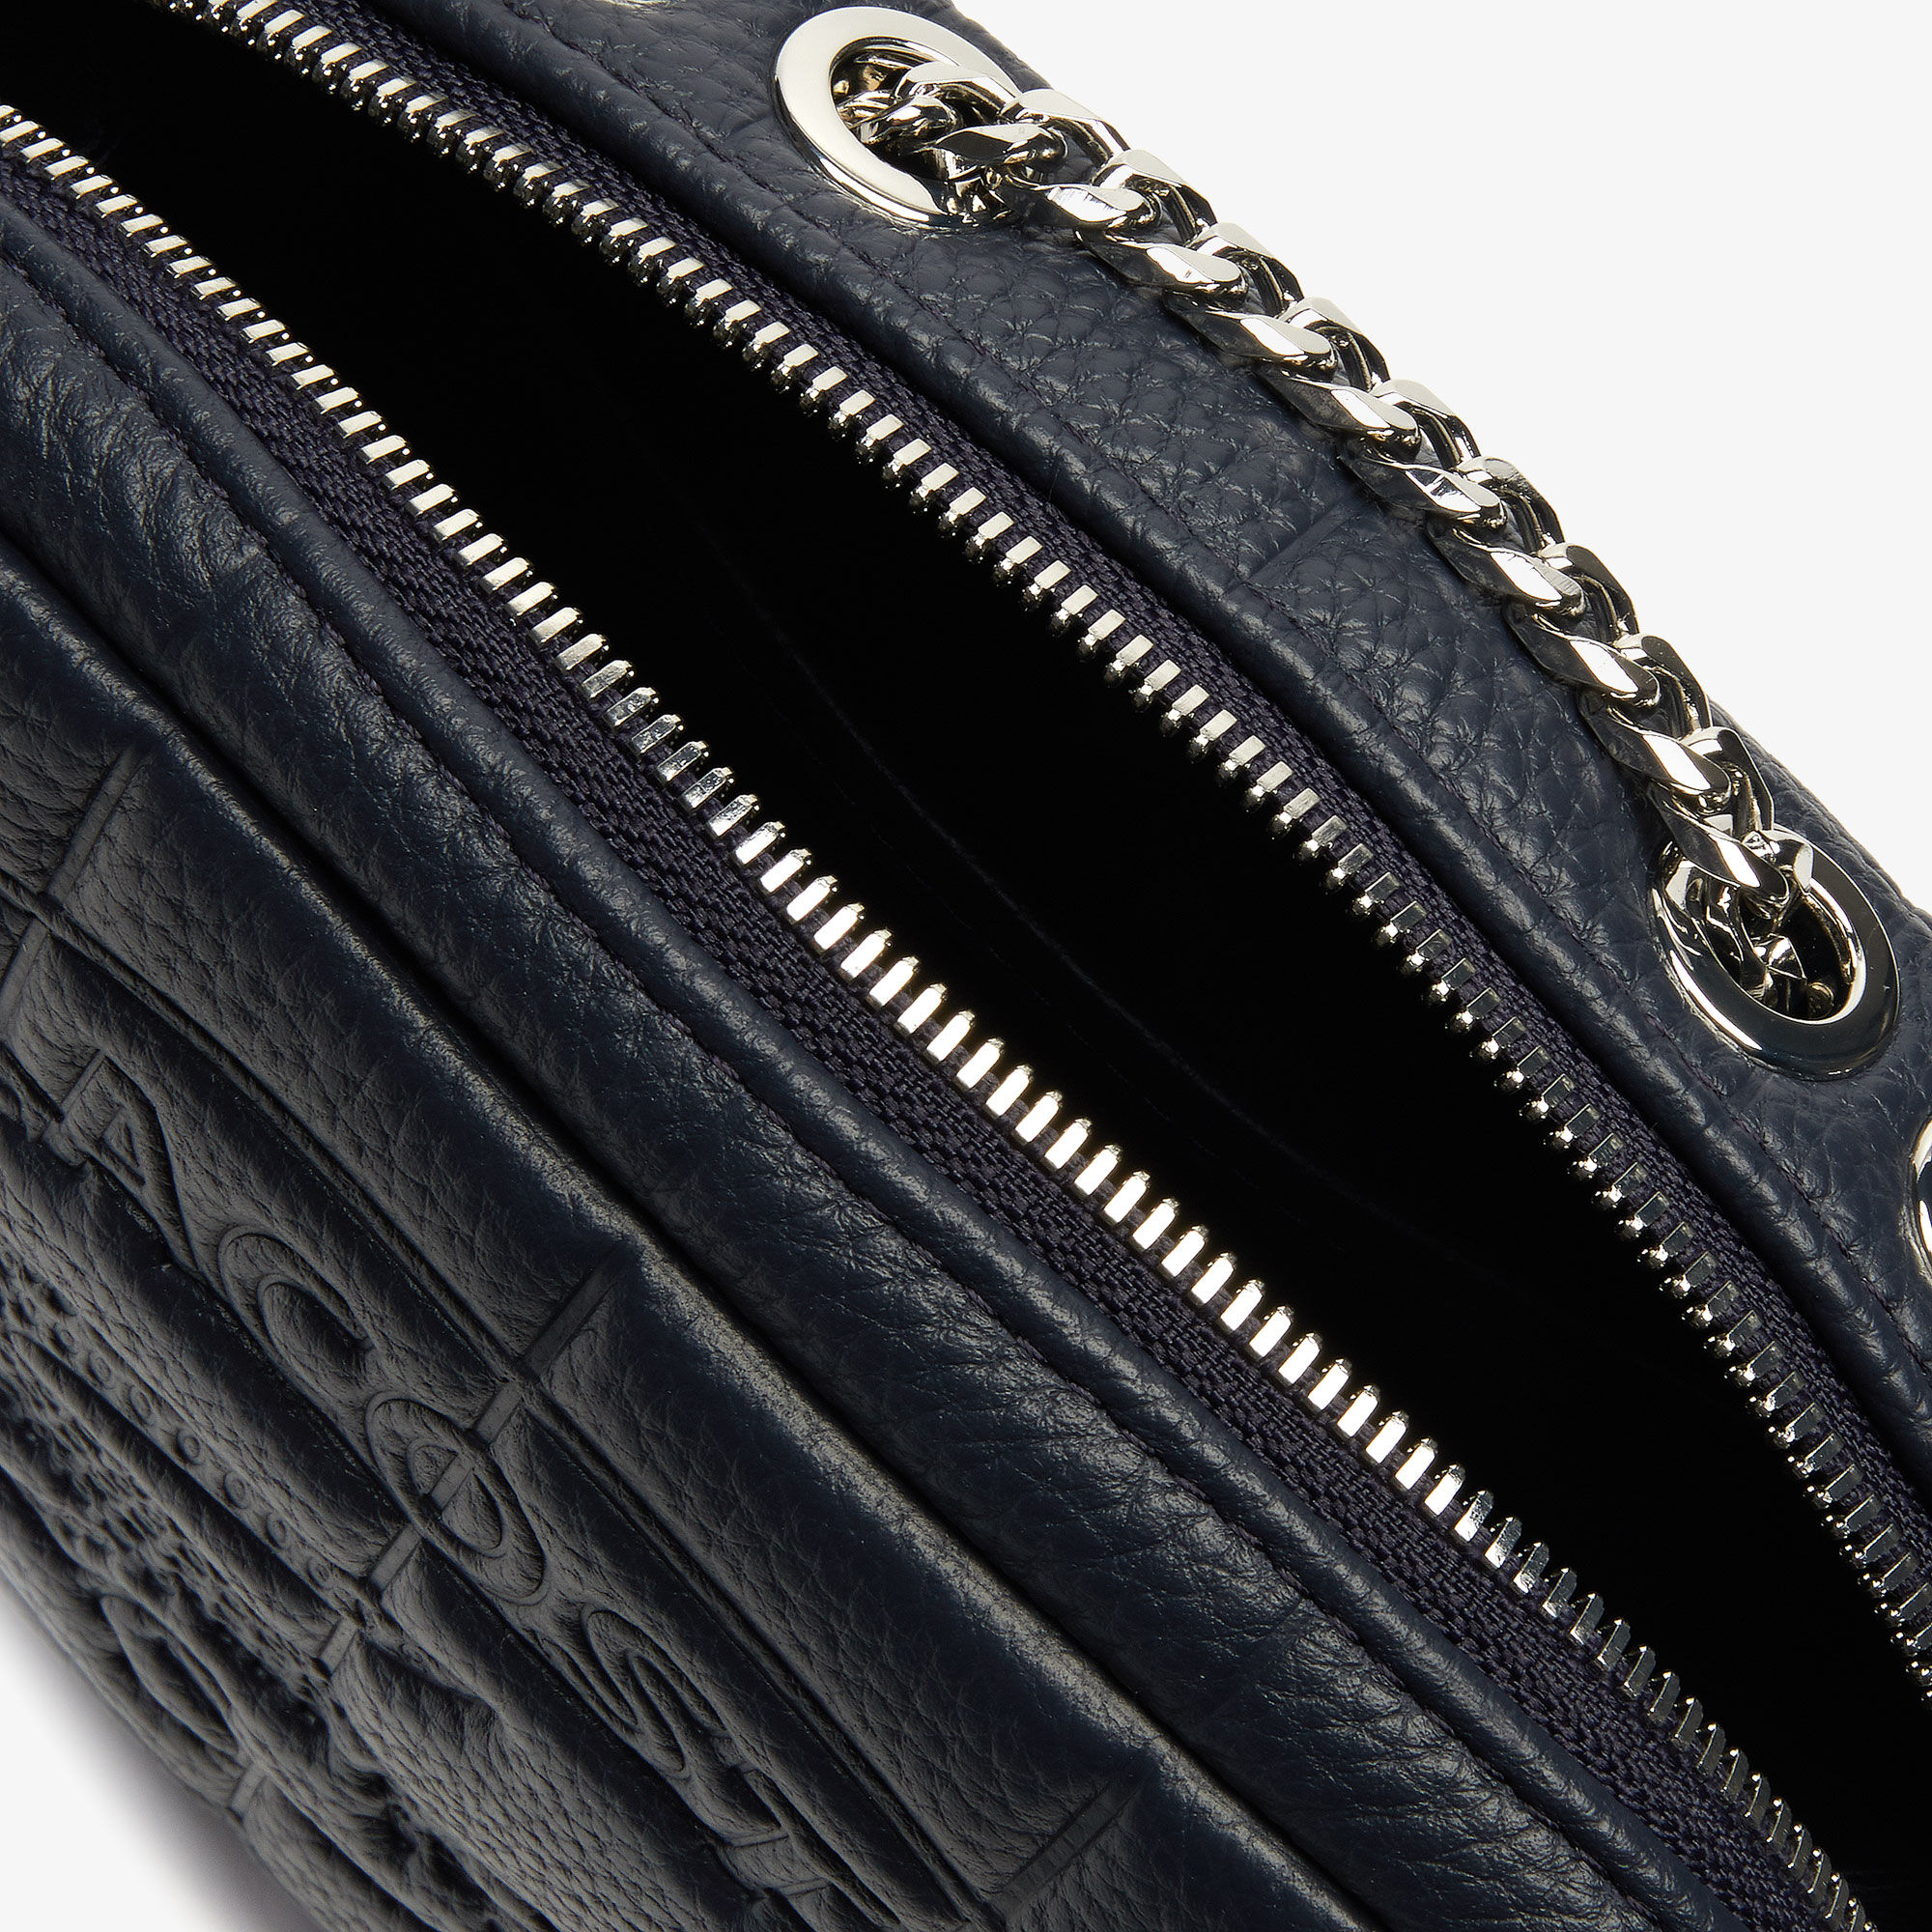 حقيبة كتف نسائية من مجموعة Croco Crew من الجلد المبطن بسحاب